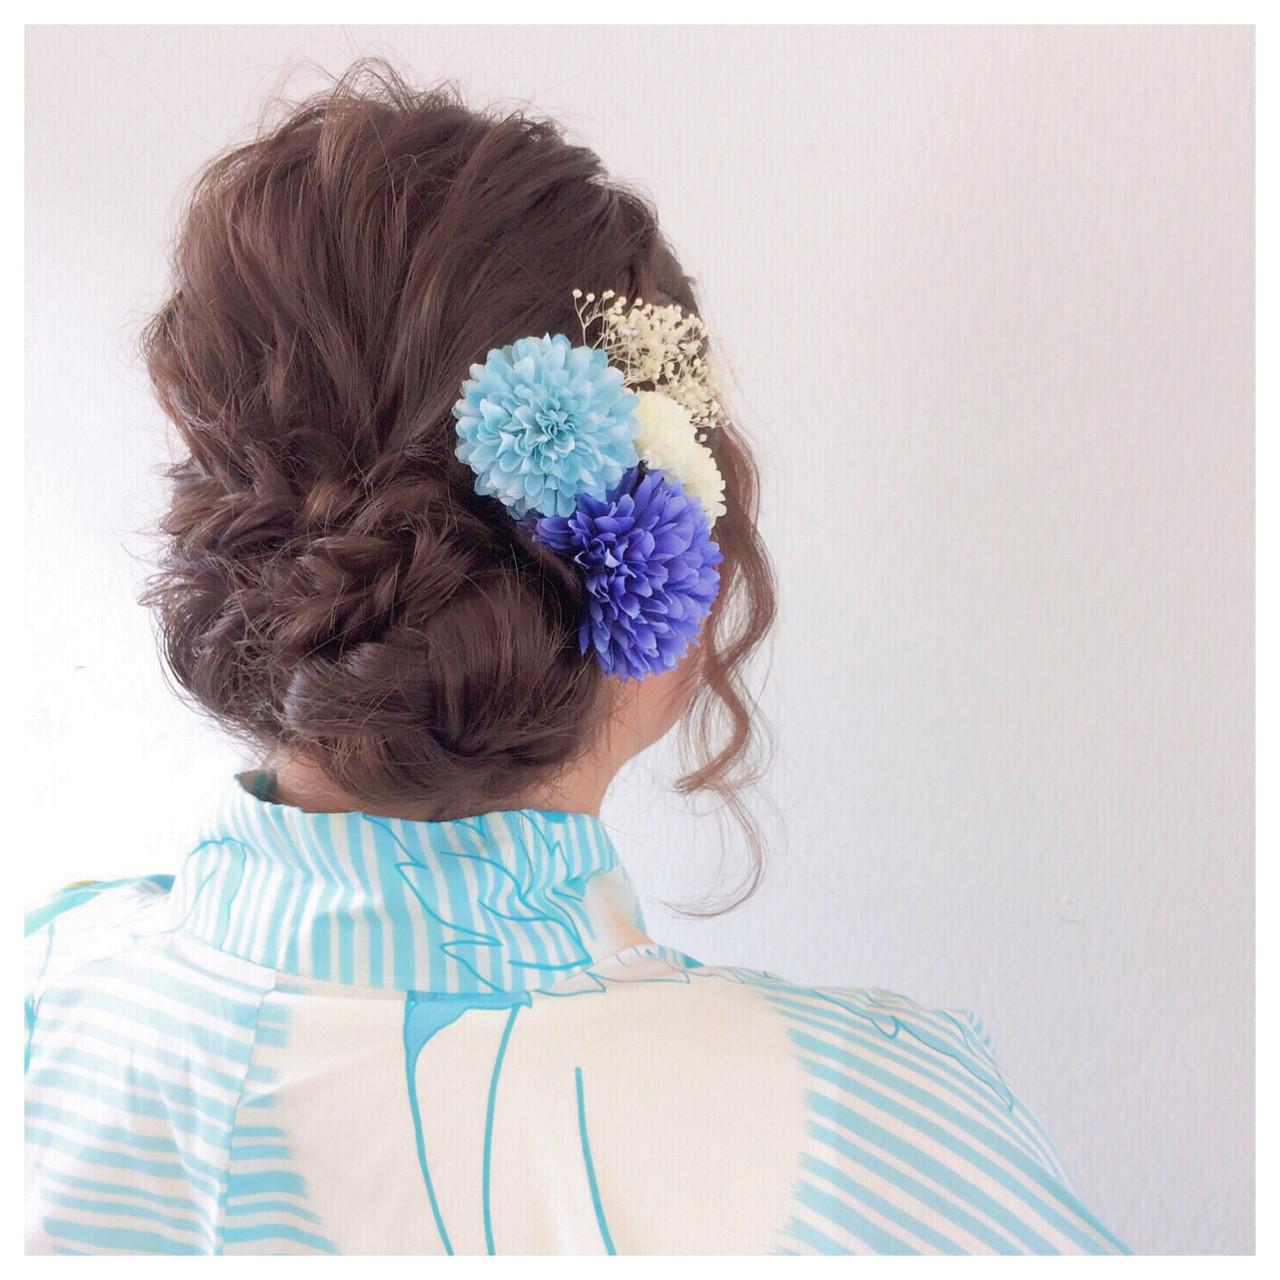 フェミニン 和装 簡単ヘアアレンジ 結婚式 ヘアスタイルや髪型の写真・画像